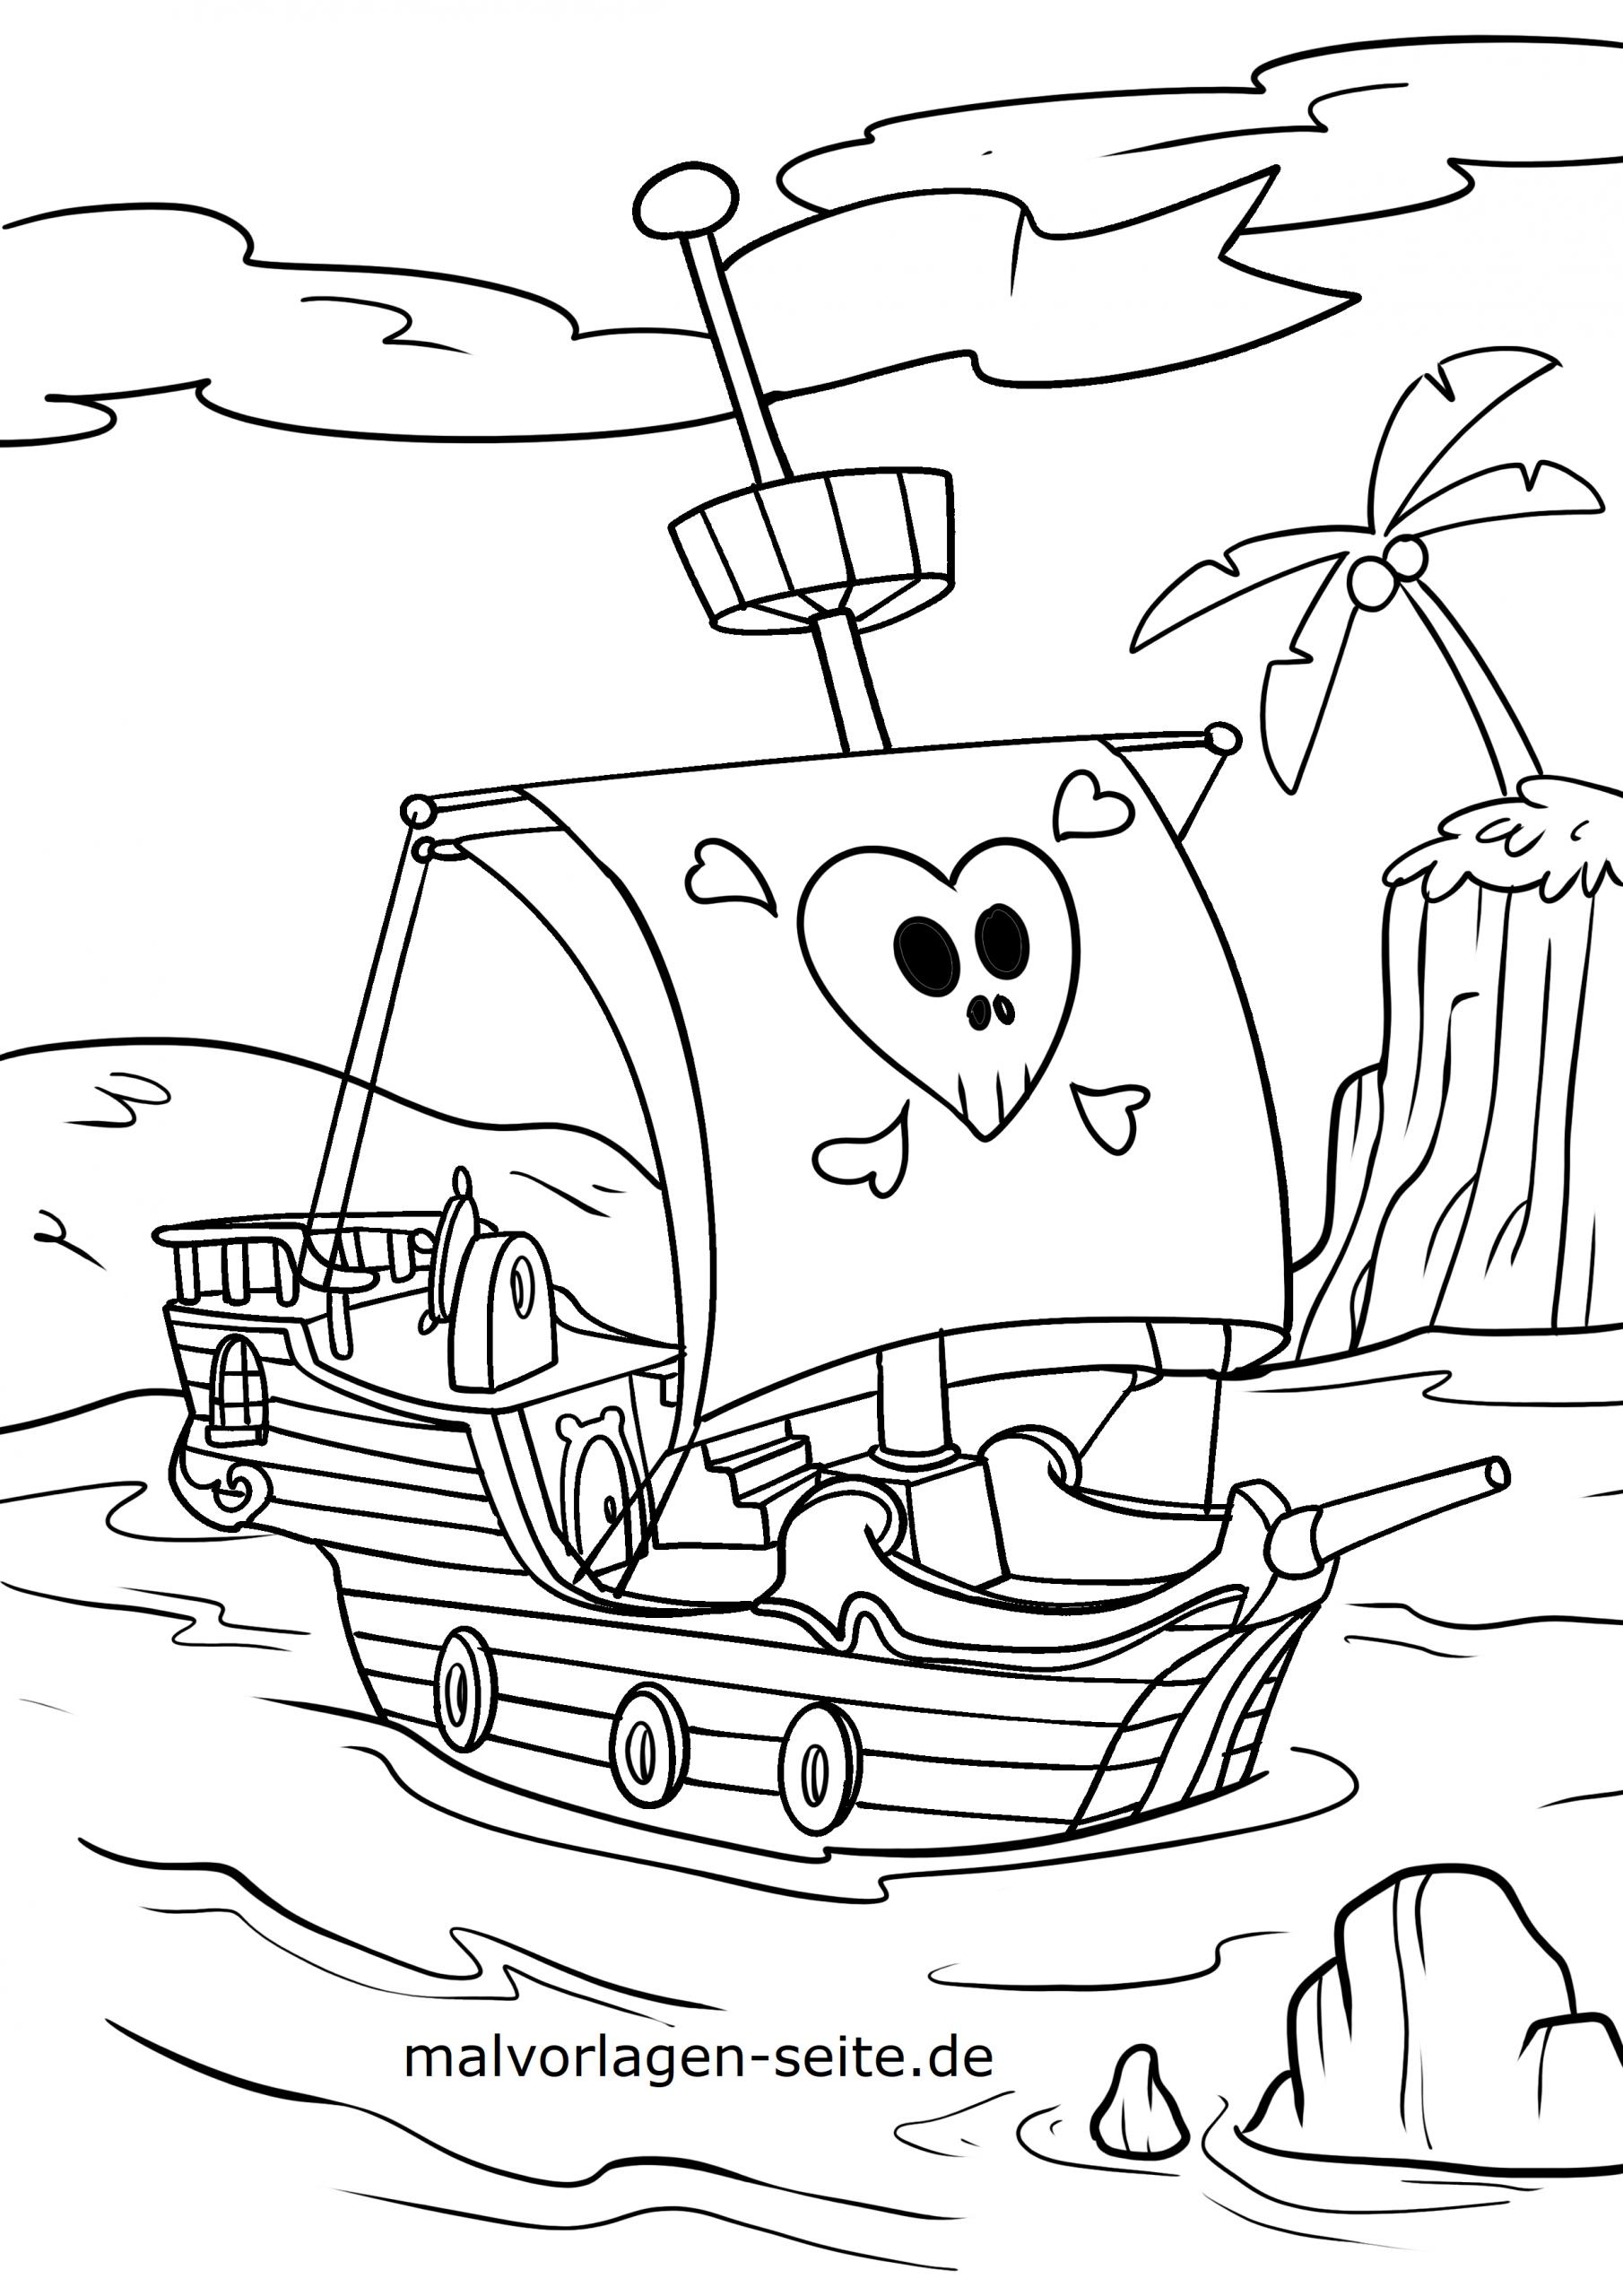 Malvorlage Piraten - Ausmalbilder Kostenlos Herunterladen verwandt mit Schatzkarte Malvorlage